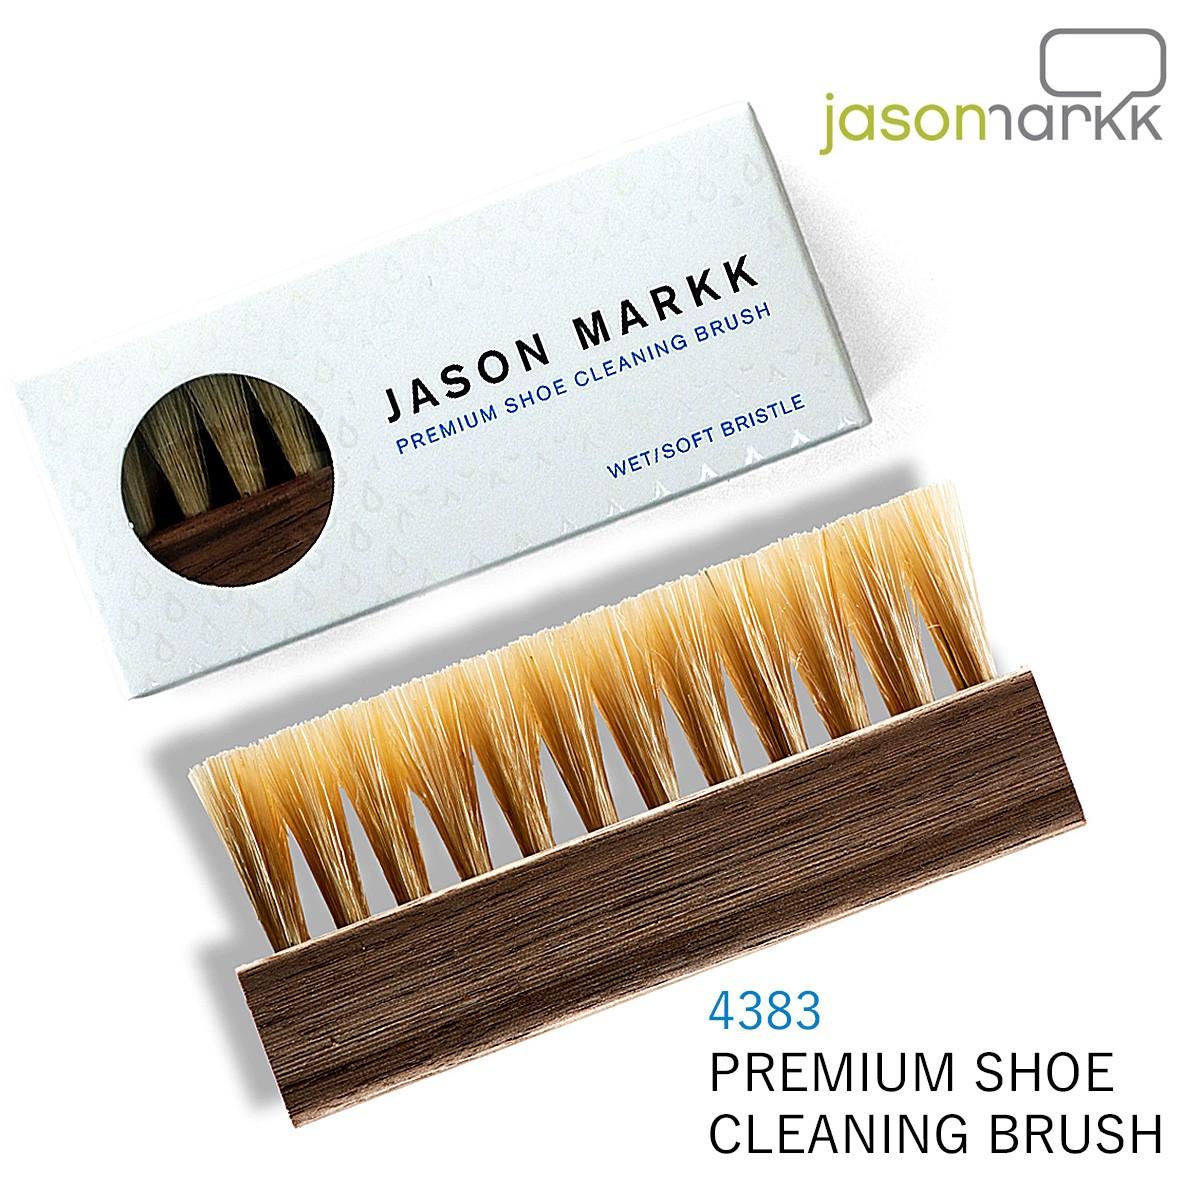 ジェイソン マーク ブラシ Jason Markk 靴ケア用品 [ プレミアム ブラシ ] 4383 PREMIUM SHOE CLEANING BRUSH メンズ レディース クリーナー 靴 ケア